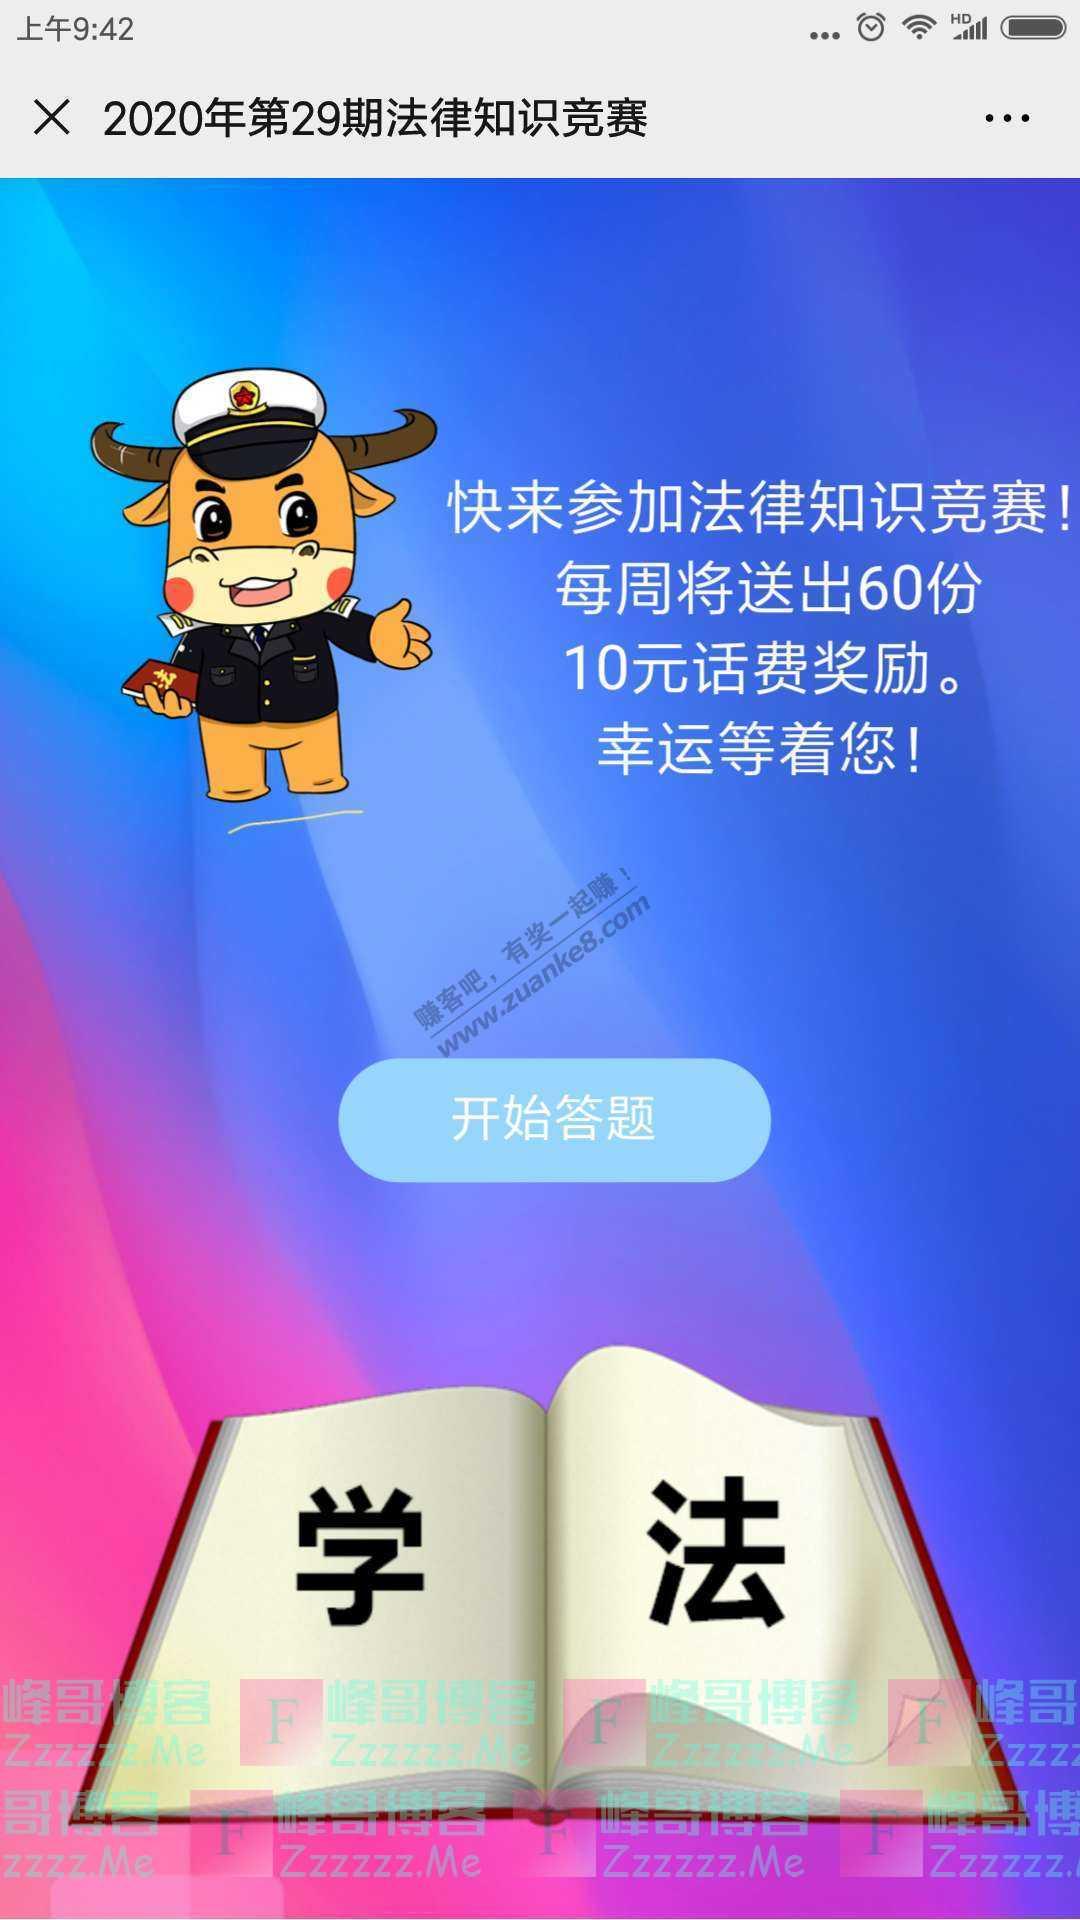 如东县12348公共法律服务法律知识竞赛第二十九期开始啦(截止不详)